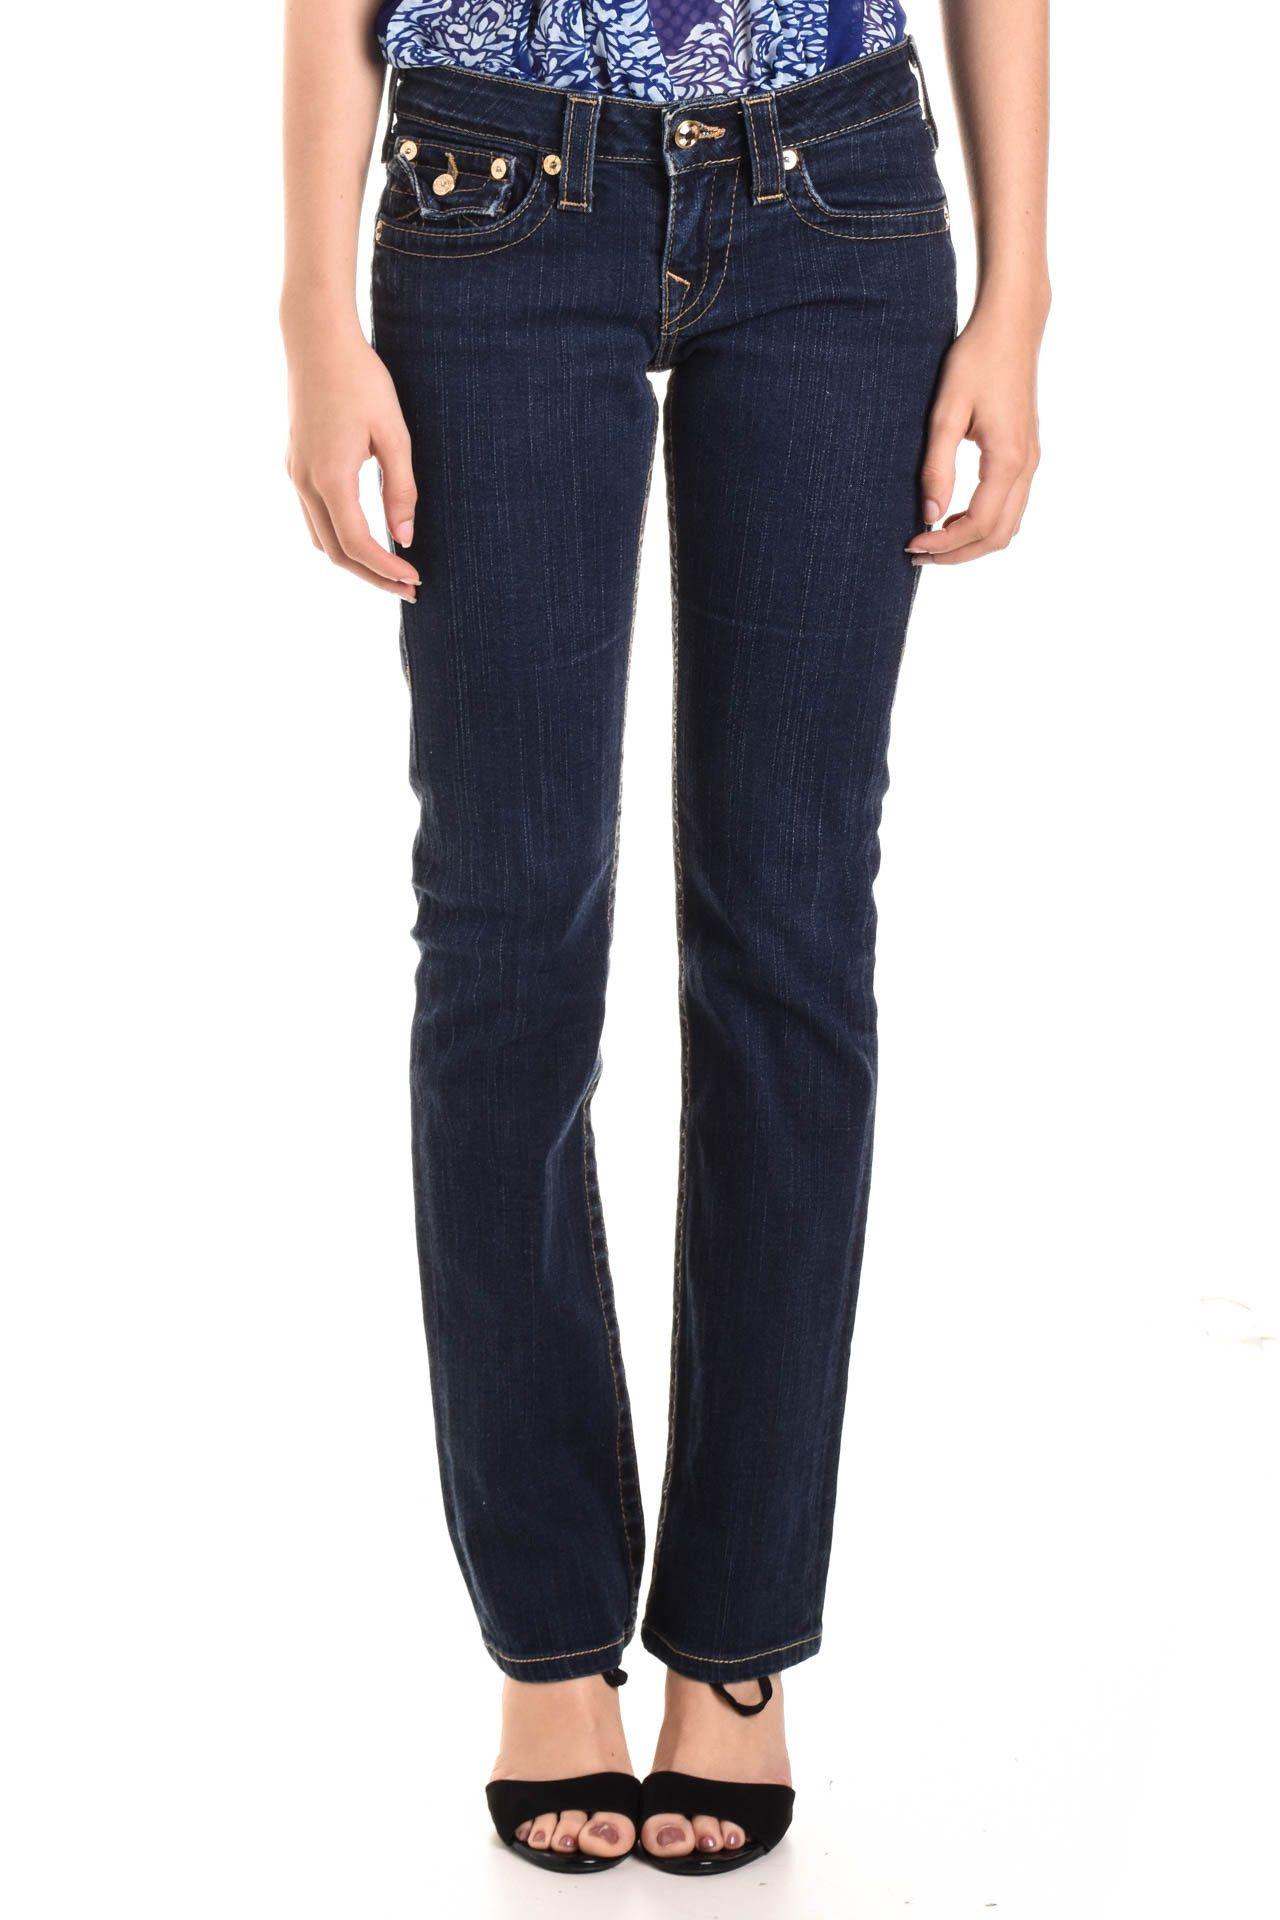 True Religion - Calça Jeans Azul  - Foto 2